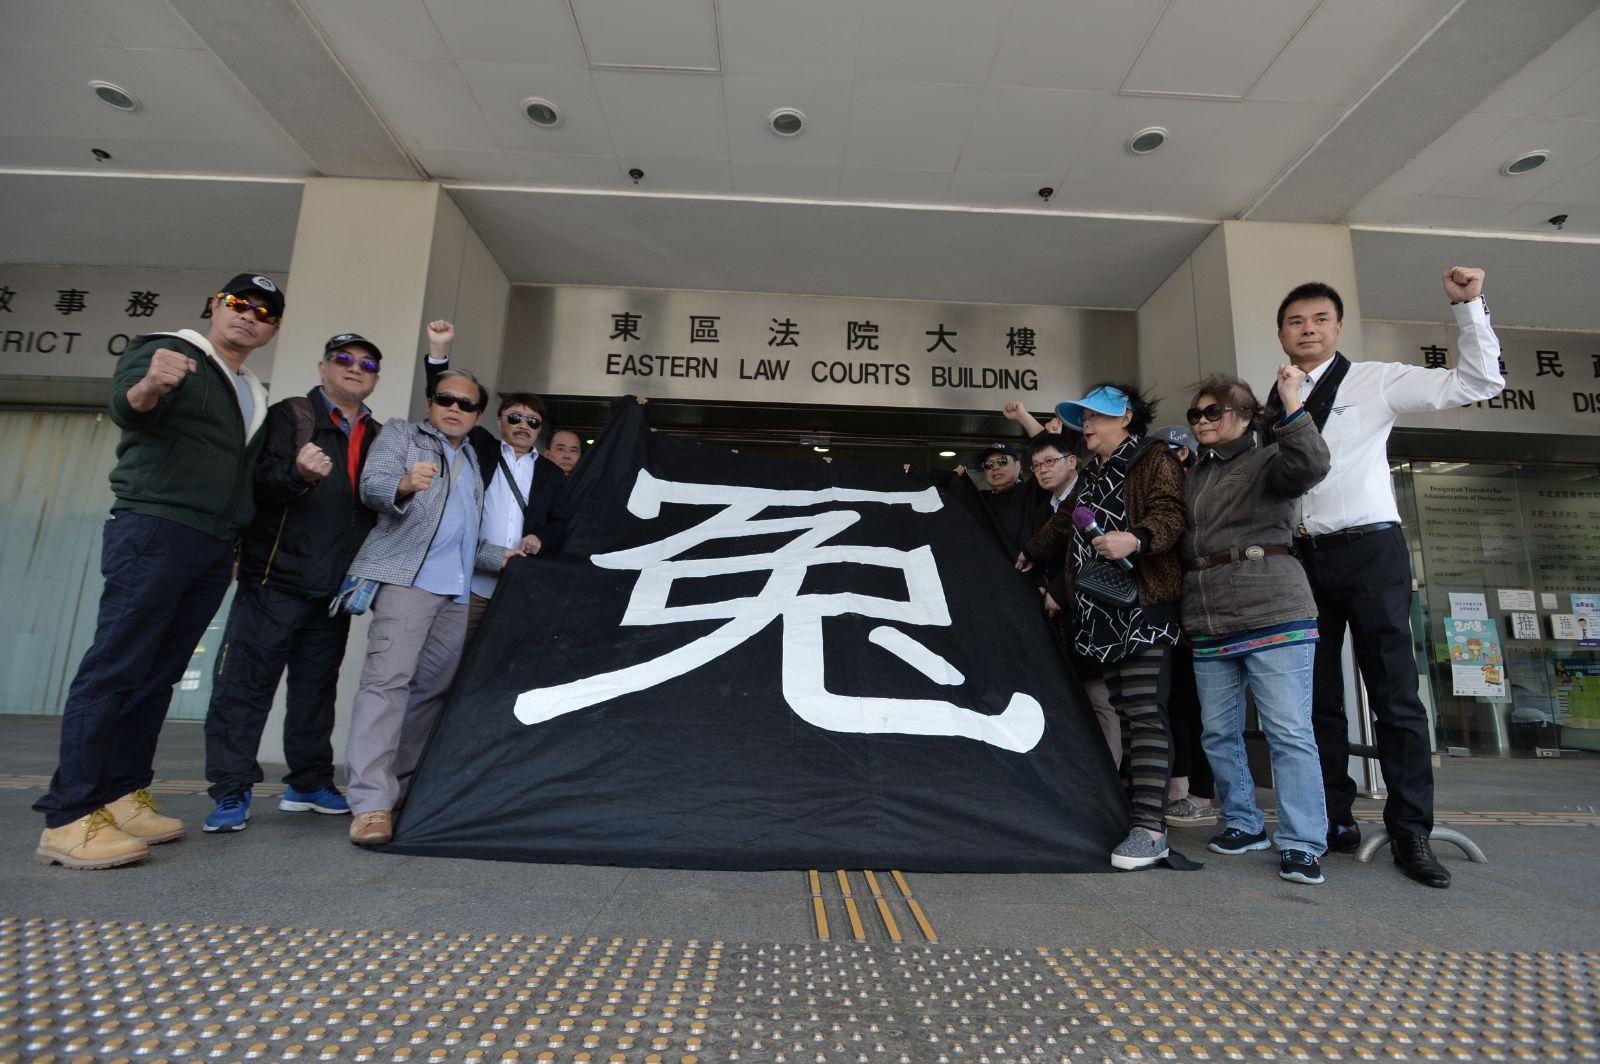 「珍惜群組」成員於庭外拉起寫有「冤」字的黑布。